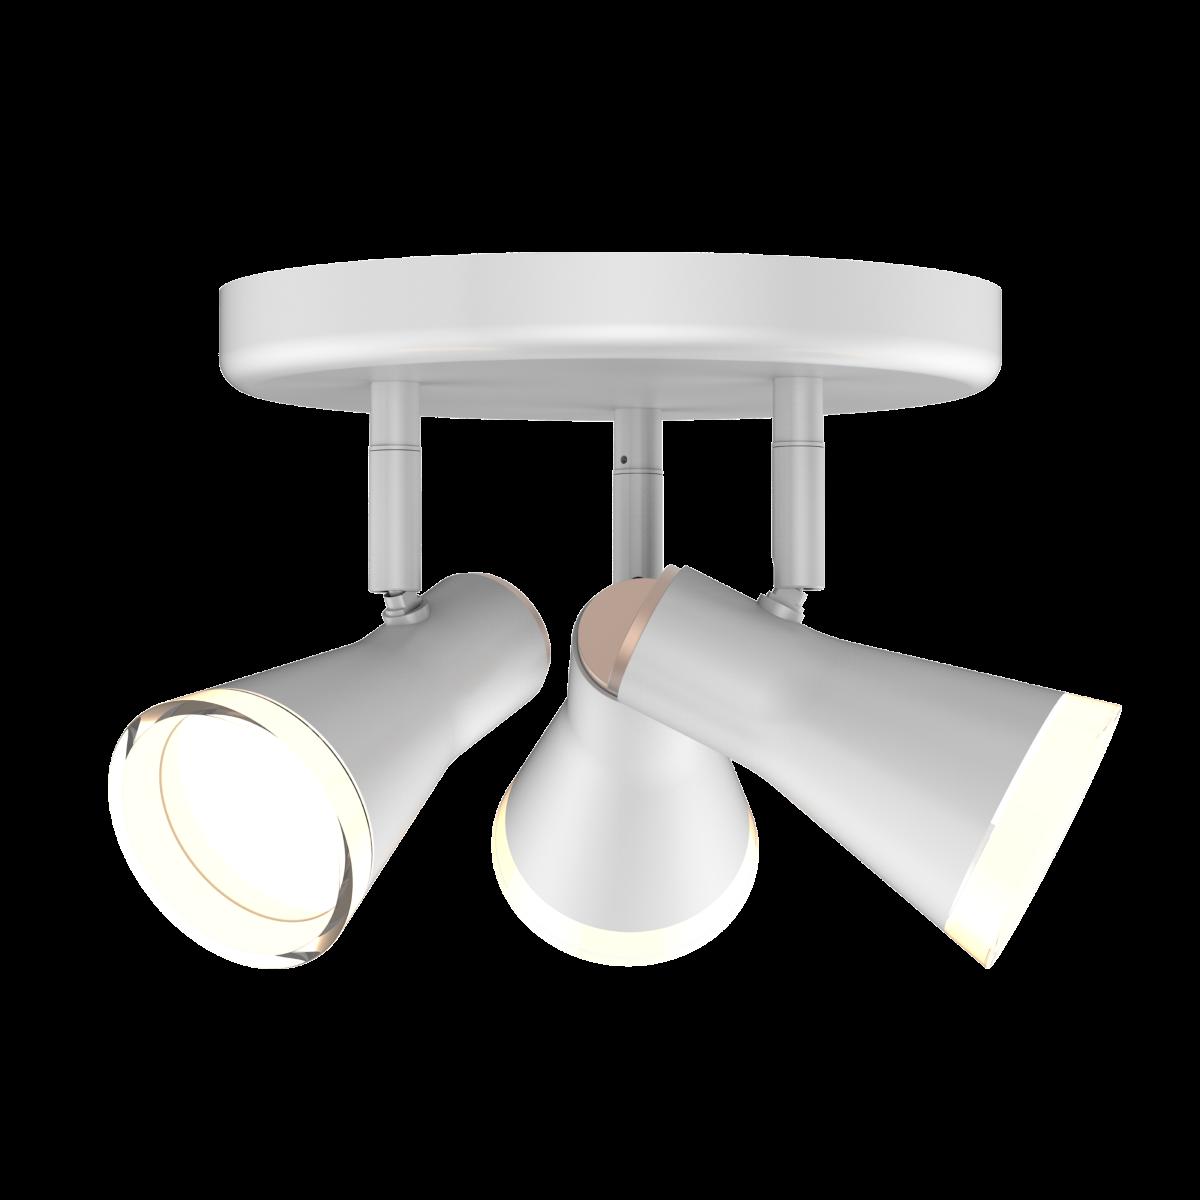 Спотовый светодиодный светильник (бра) MAXUS MSL-02R 3x4W 4100K Белый